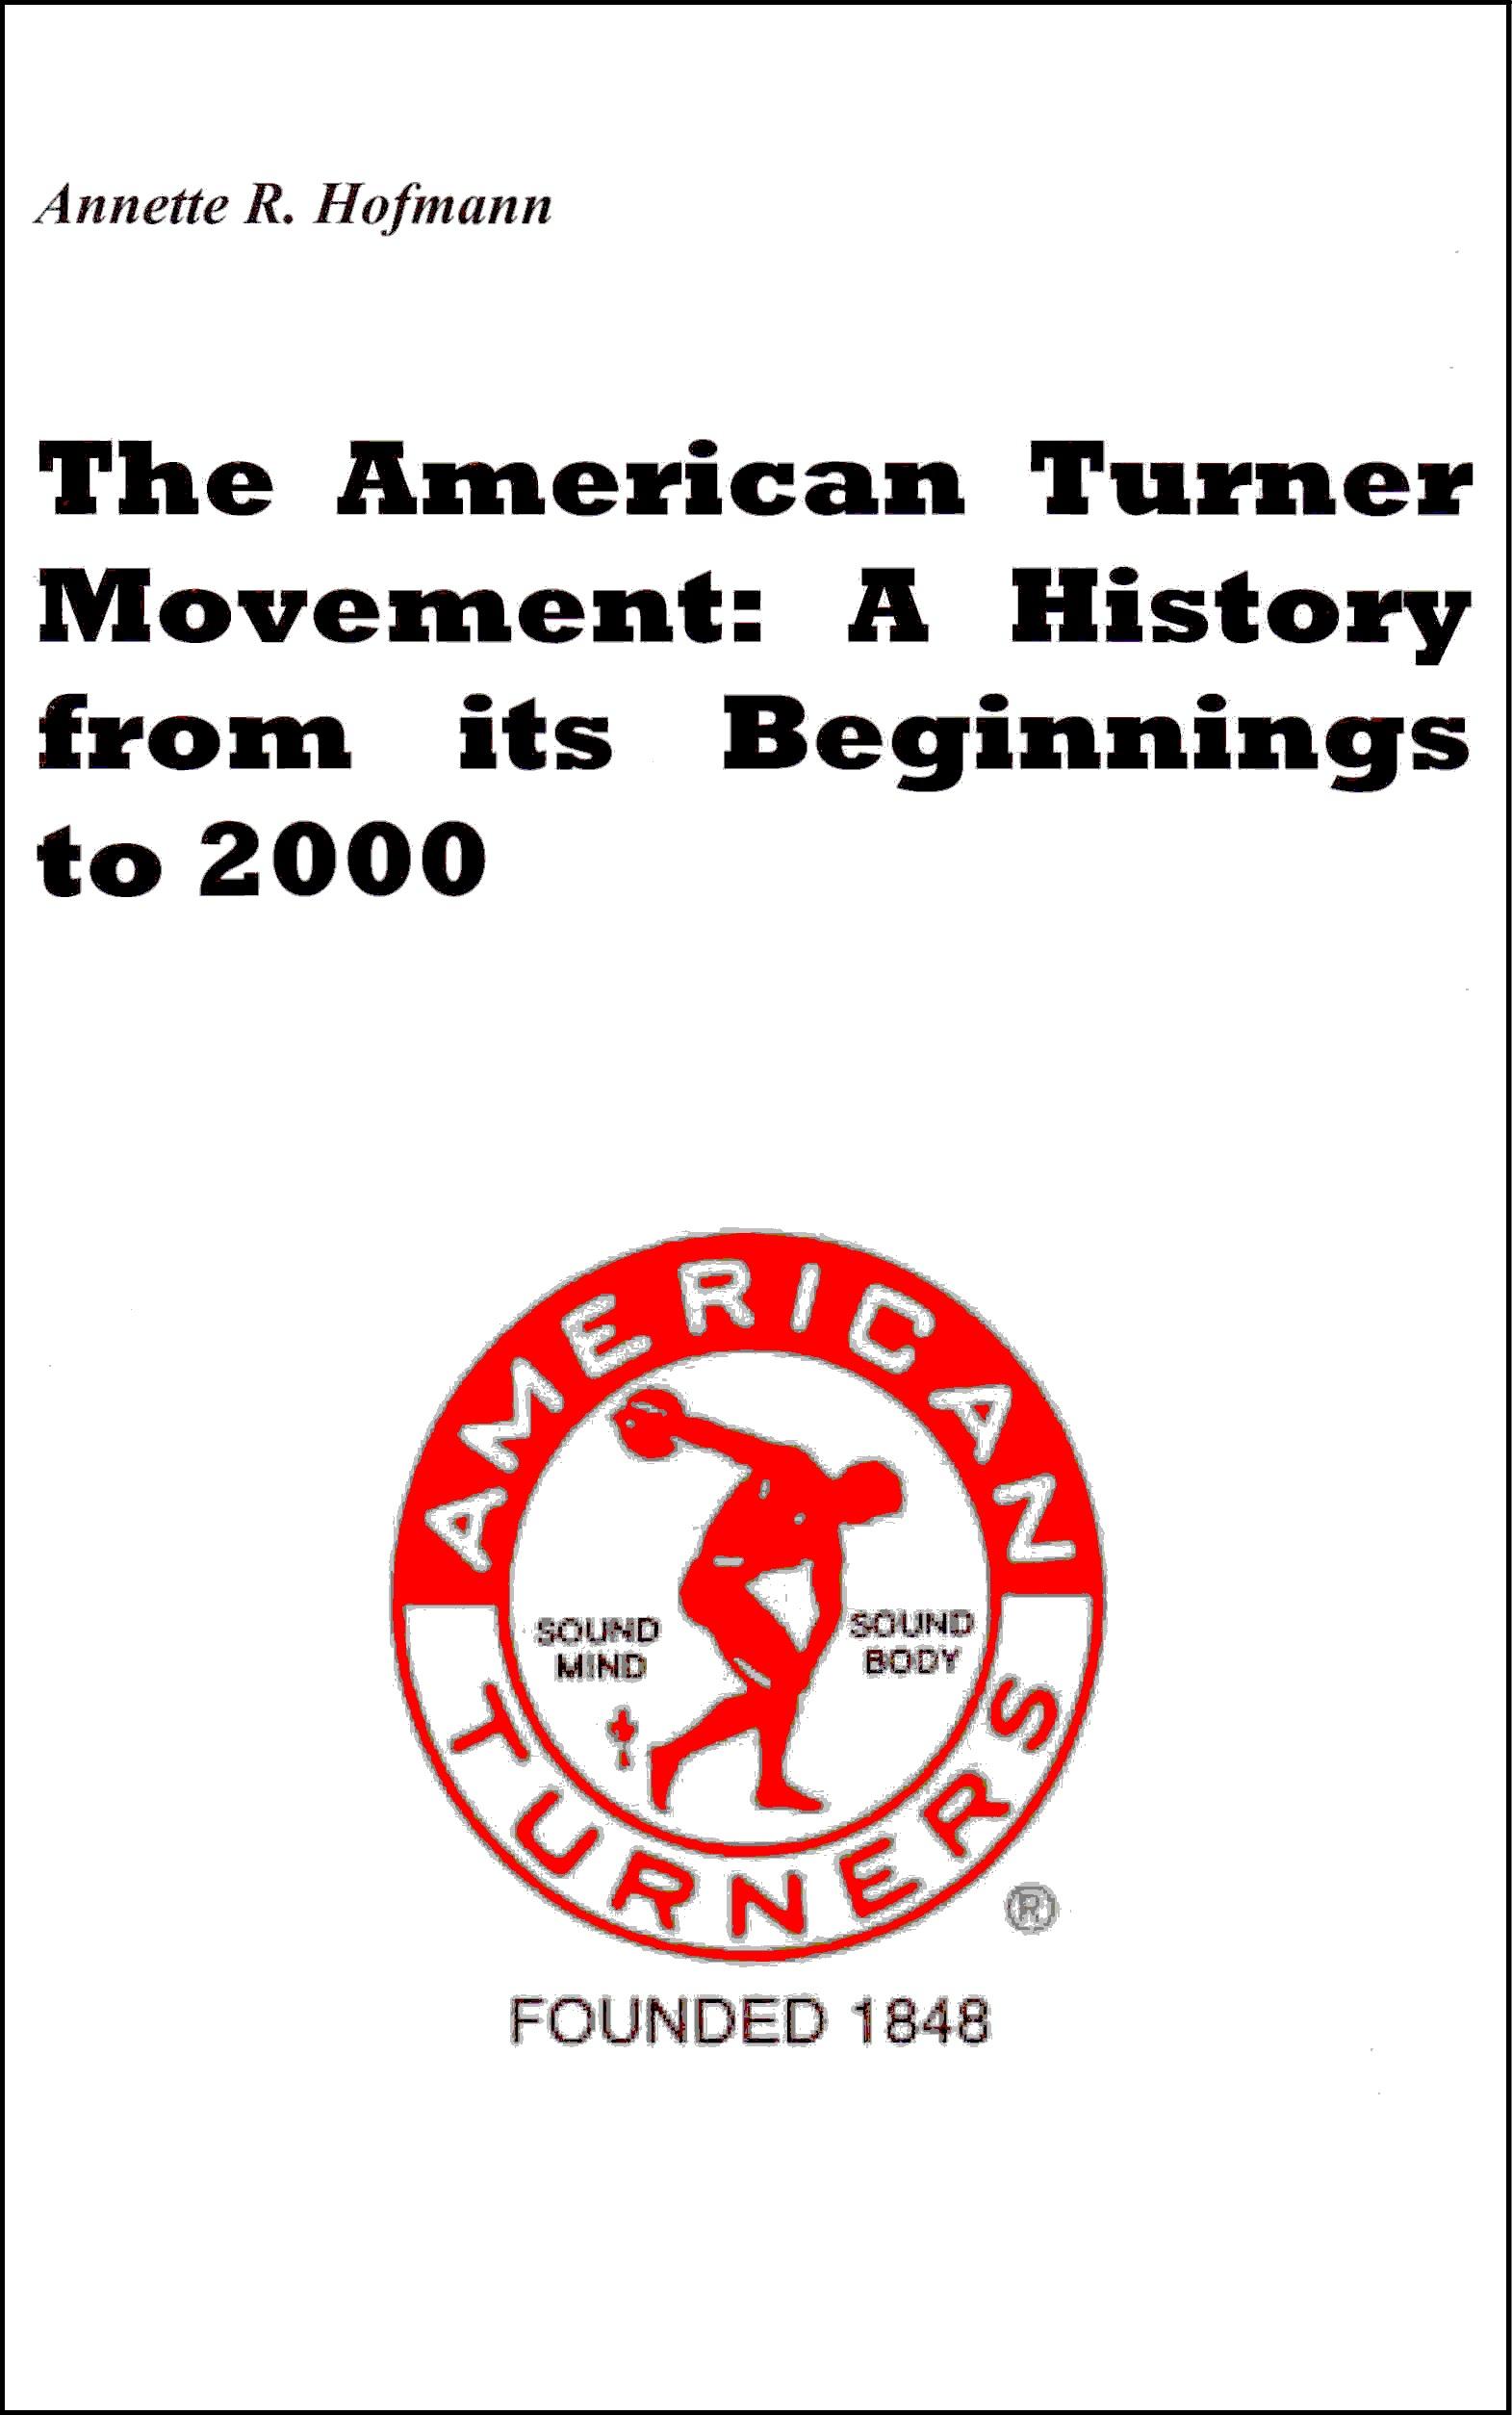 American Turners